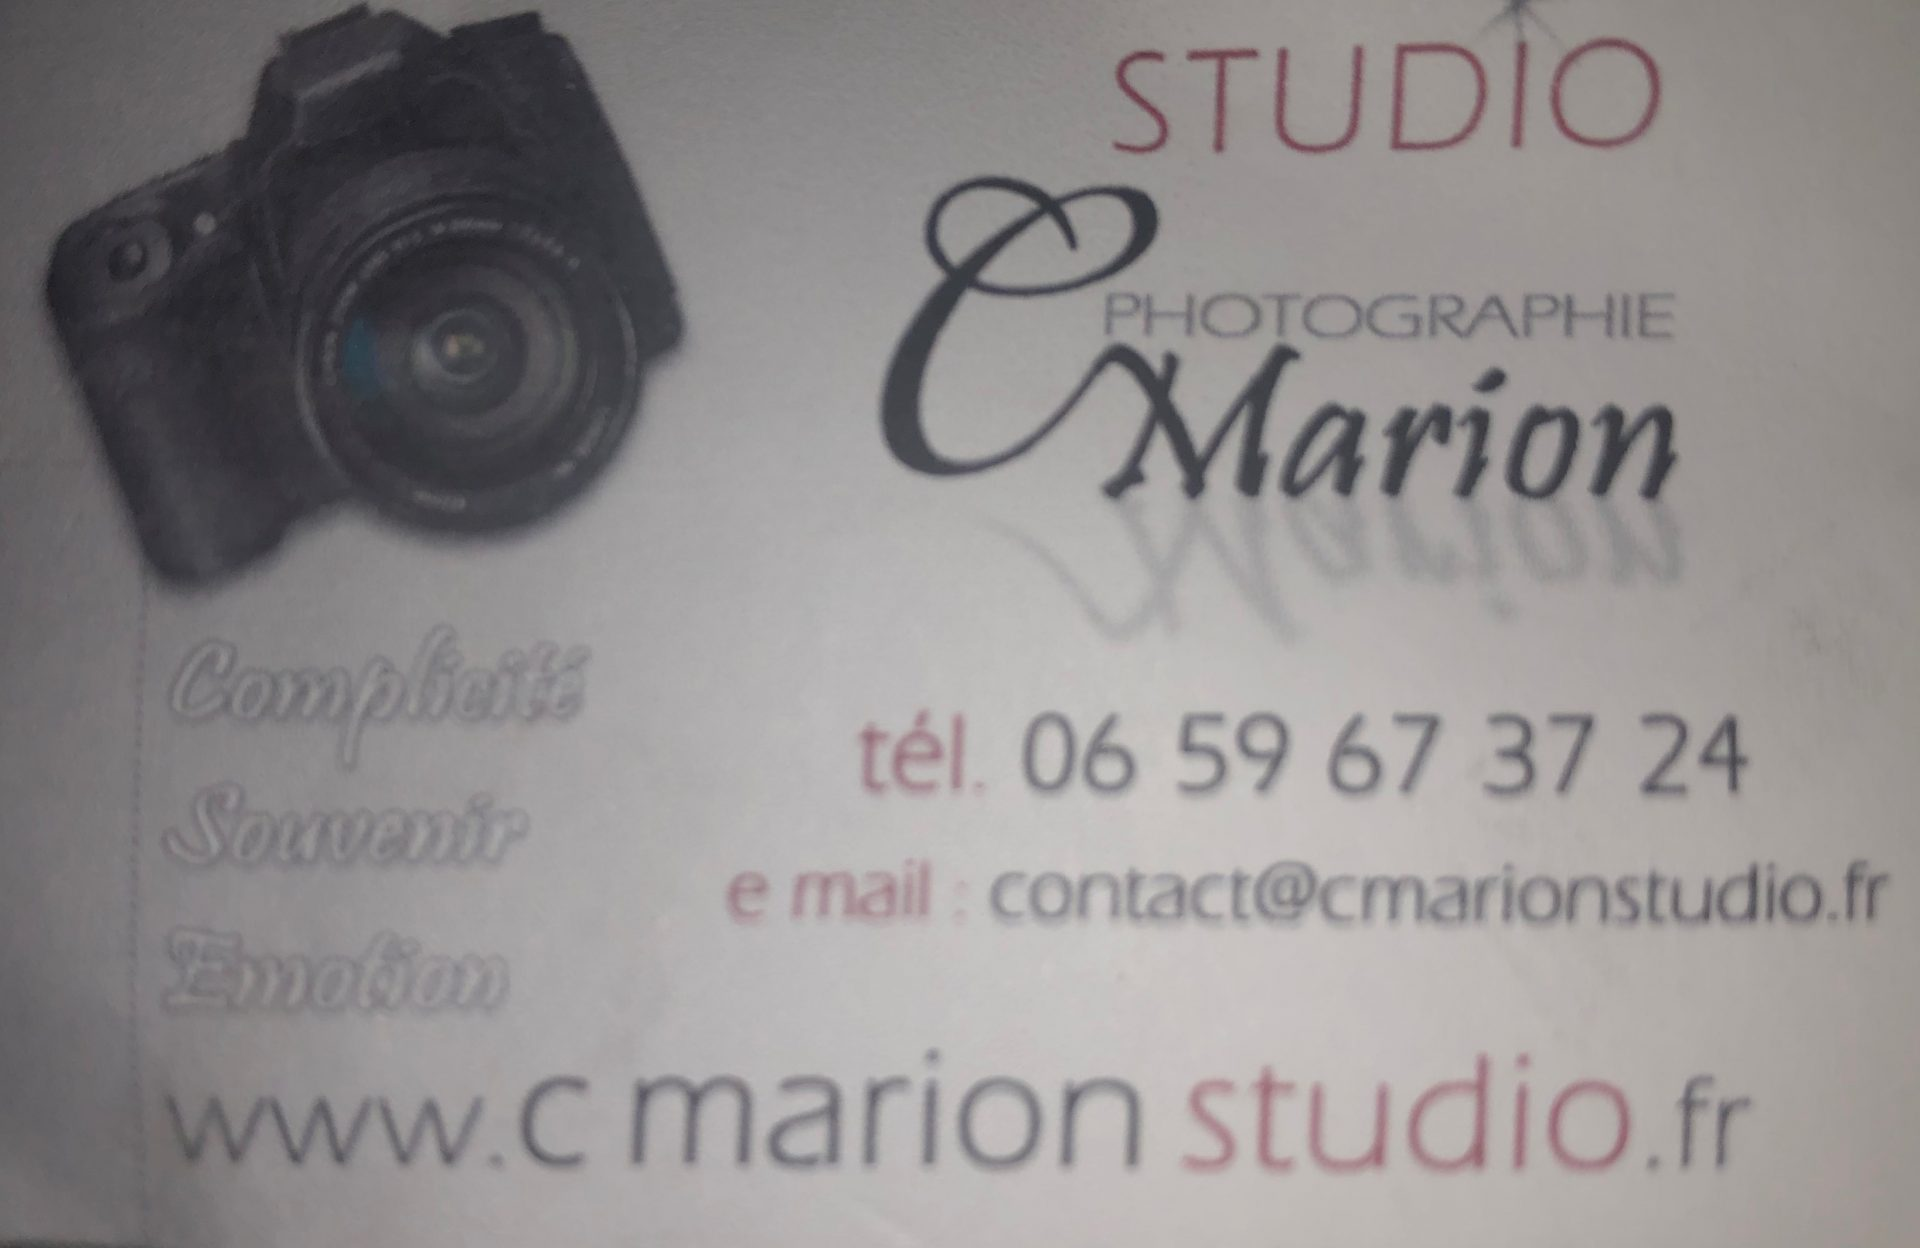 partenariat studio photo